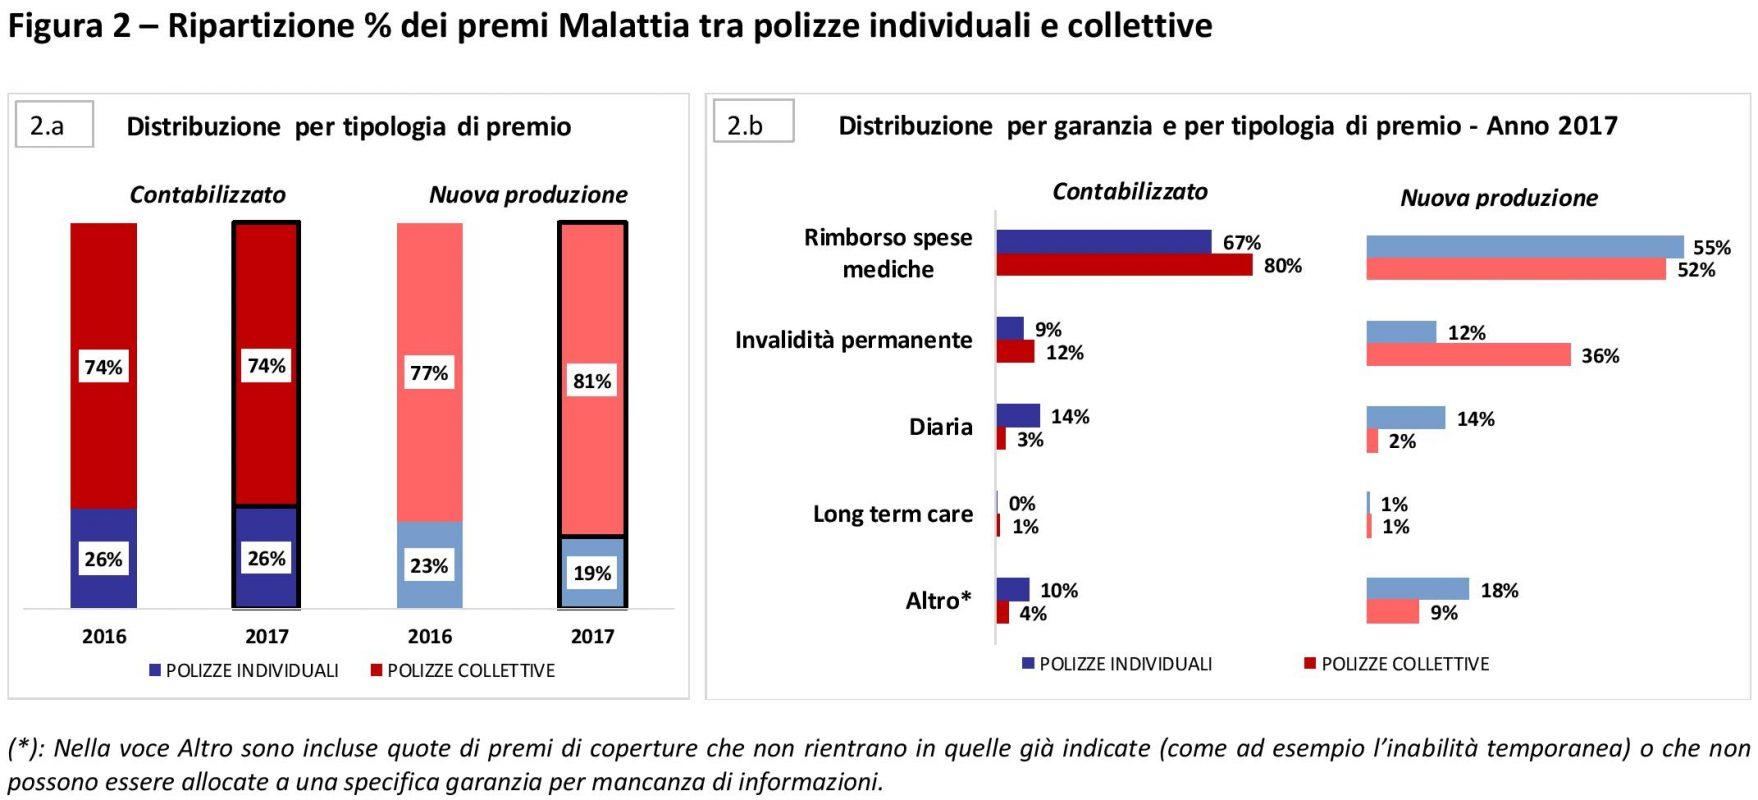 ANIA - Malattia - 2017 - Polizze individuali e collettive Imc